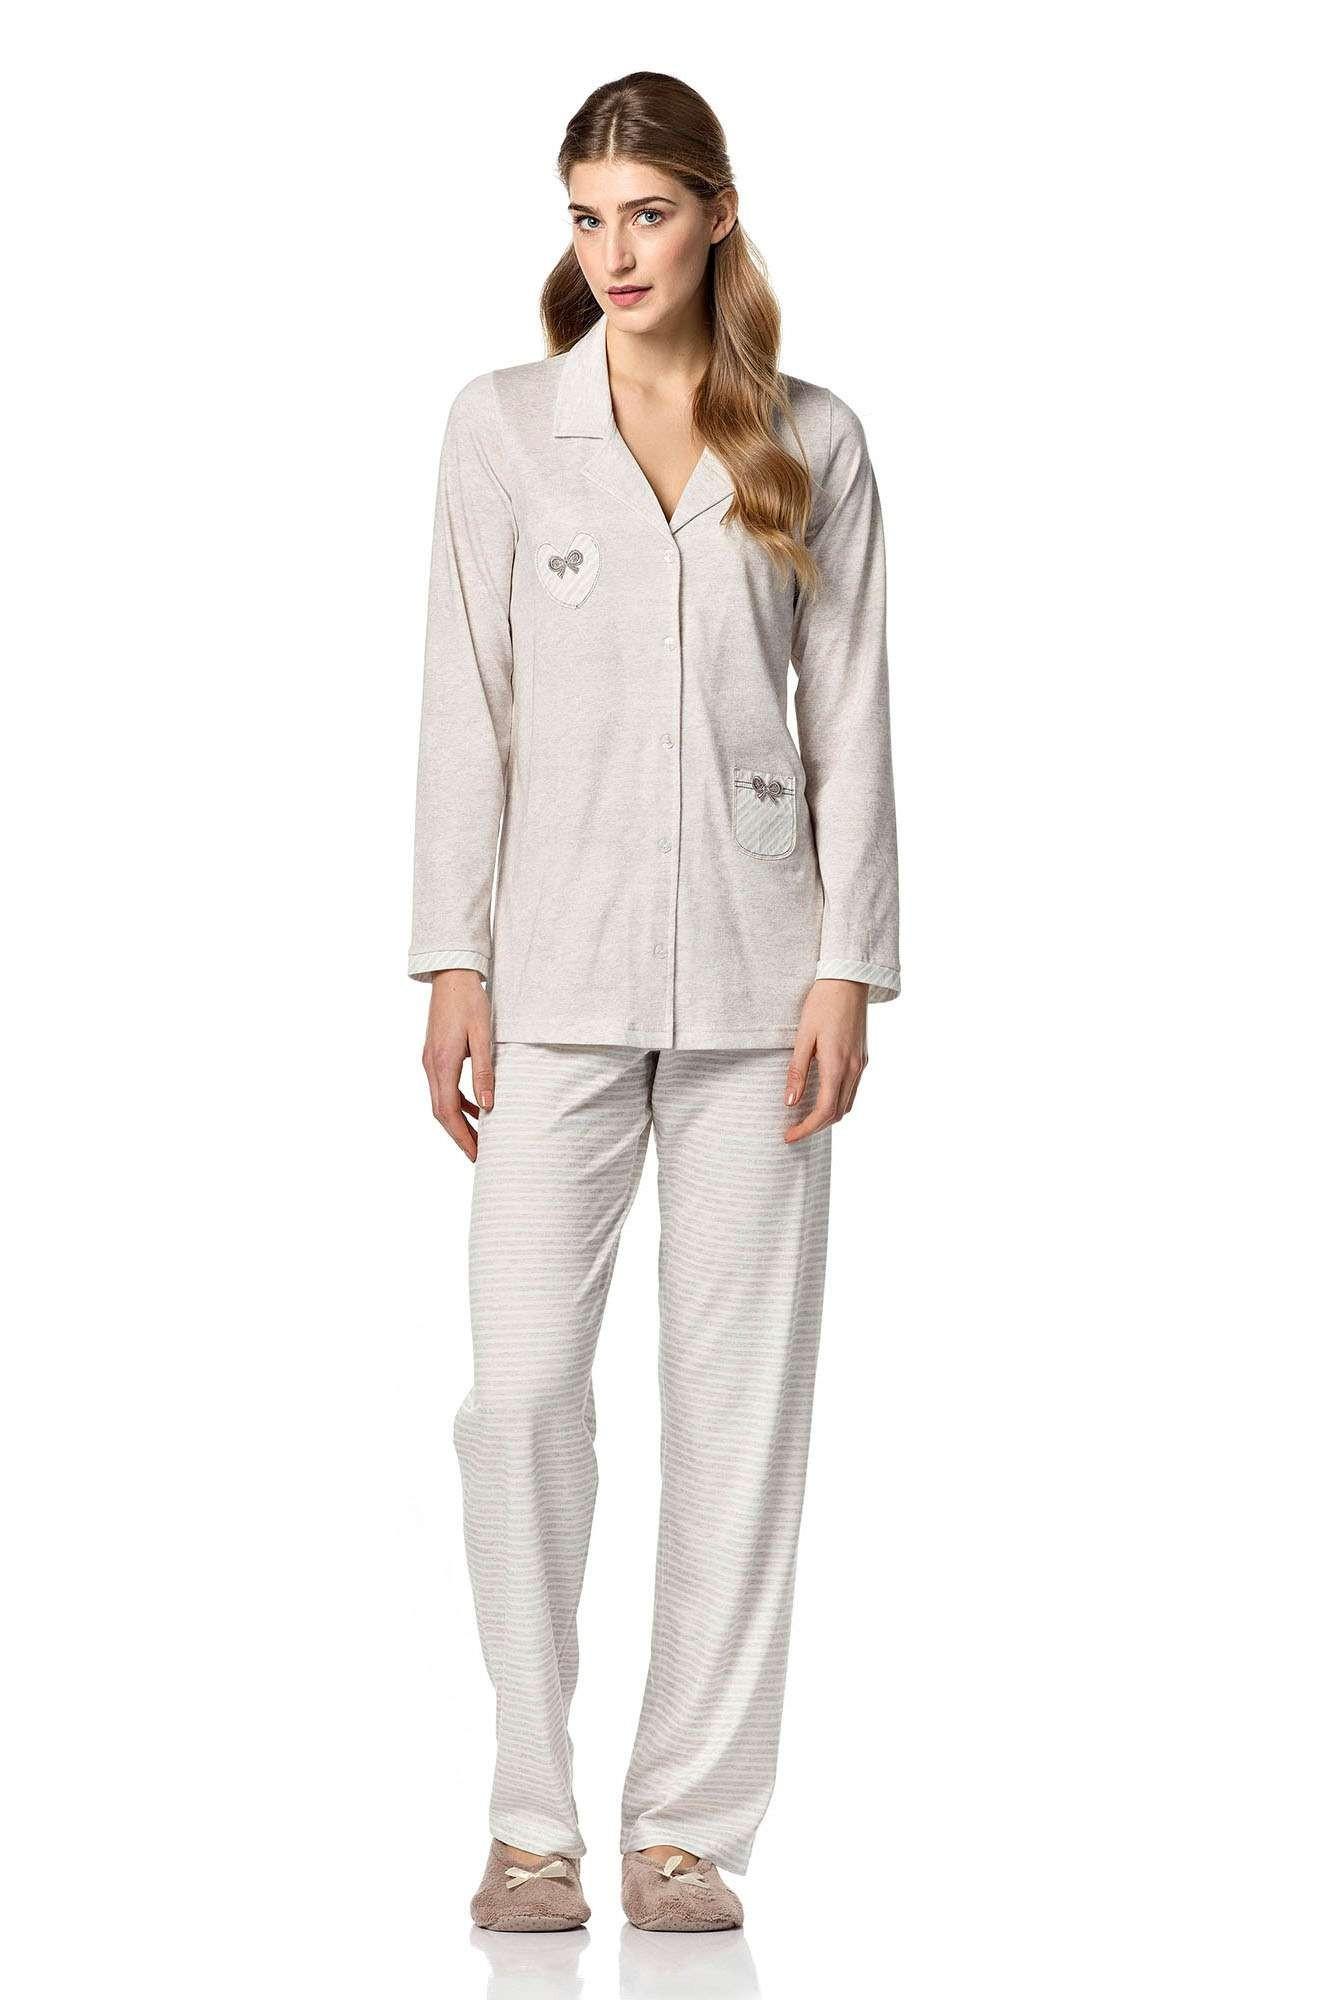 Dámské pyžamo 4749 - Vamp Barva: béžová, Velikost: XL